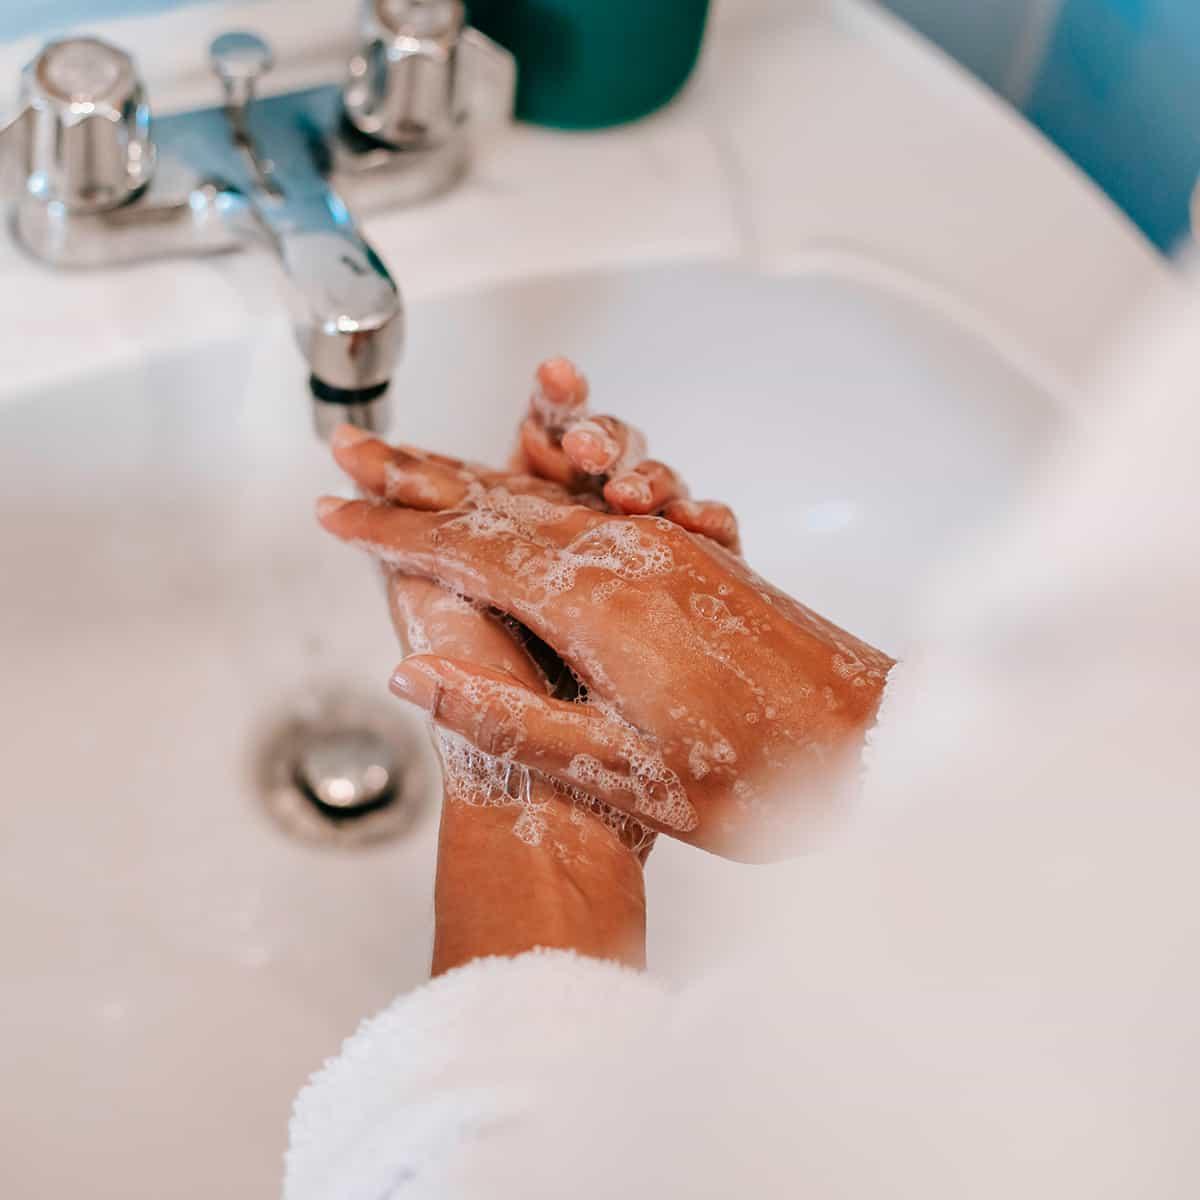 Giornata mondiale per l'igiene delle mani